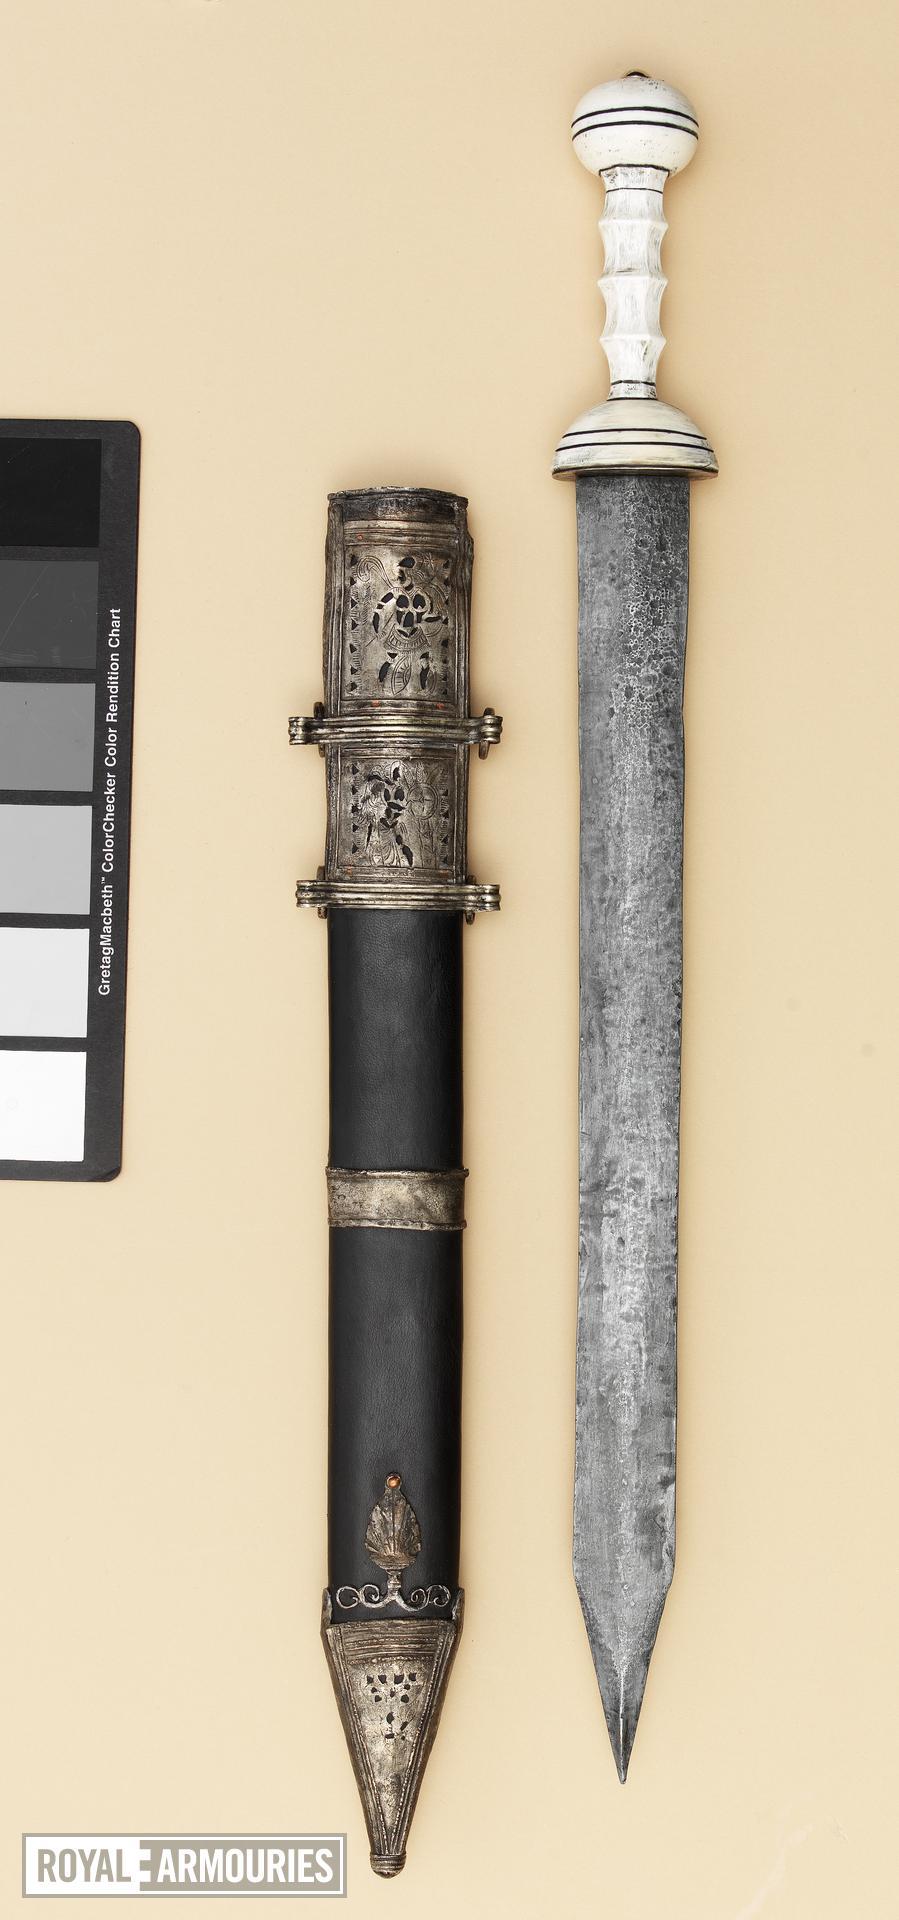 Gladius and scabbard Replica of IX.5583, Roman gladius and scabbard